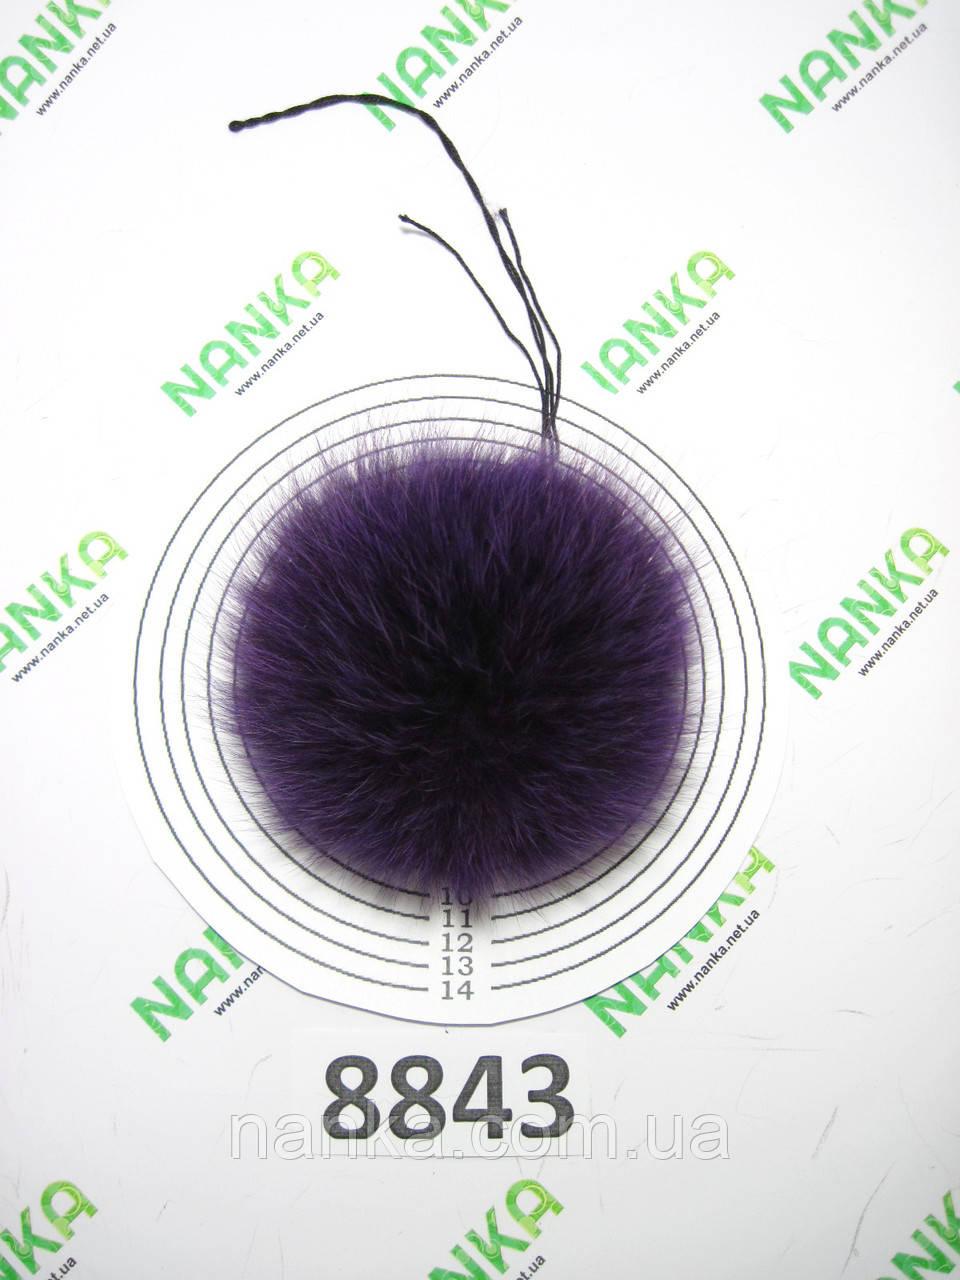 Хутряний помпон Песець, Фіолетовий, 9 см, 8843